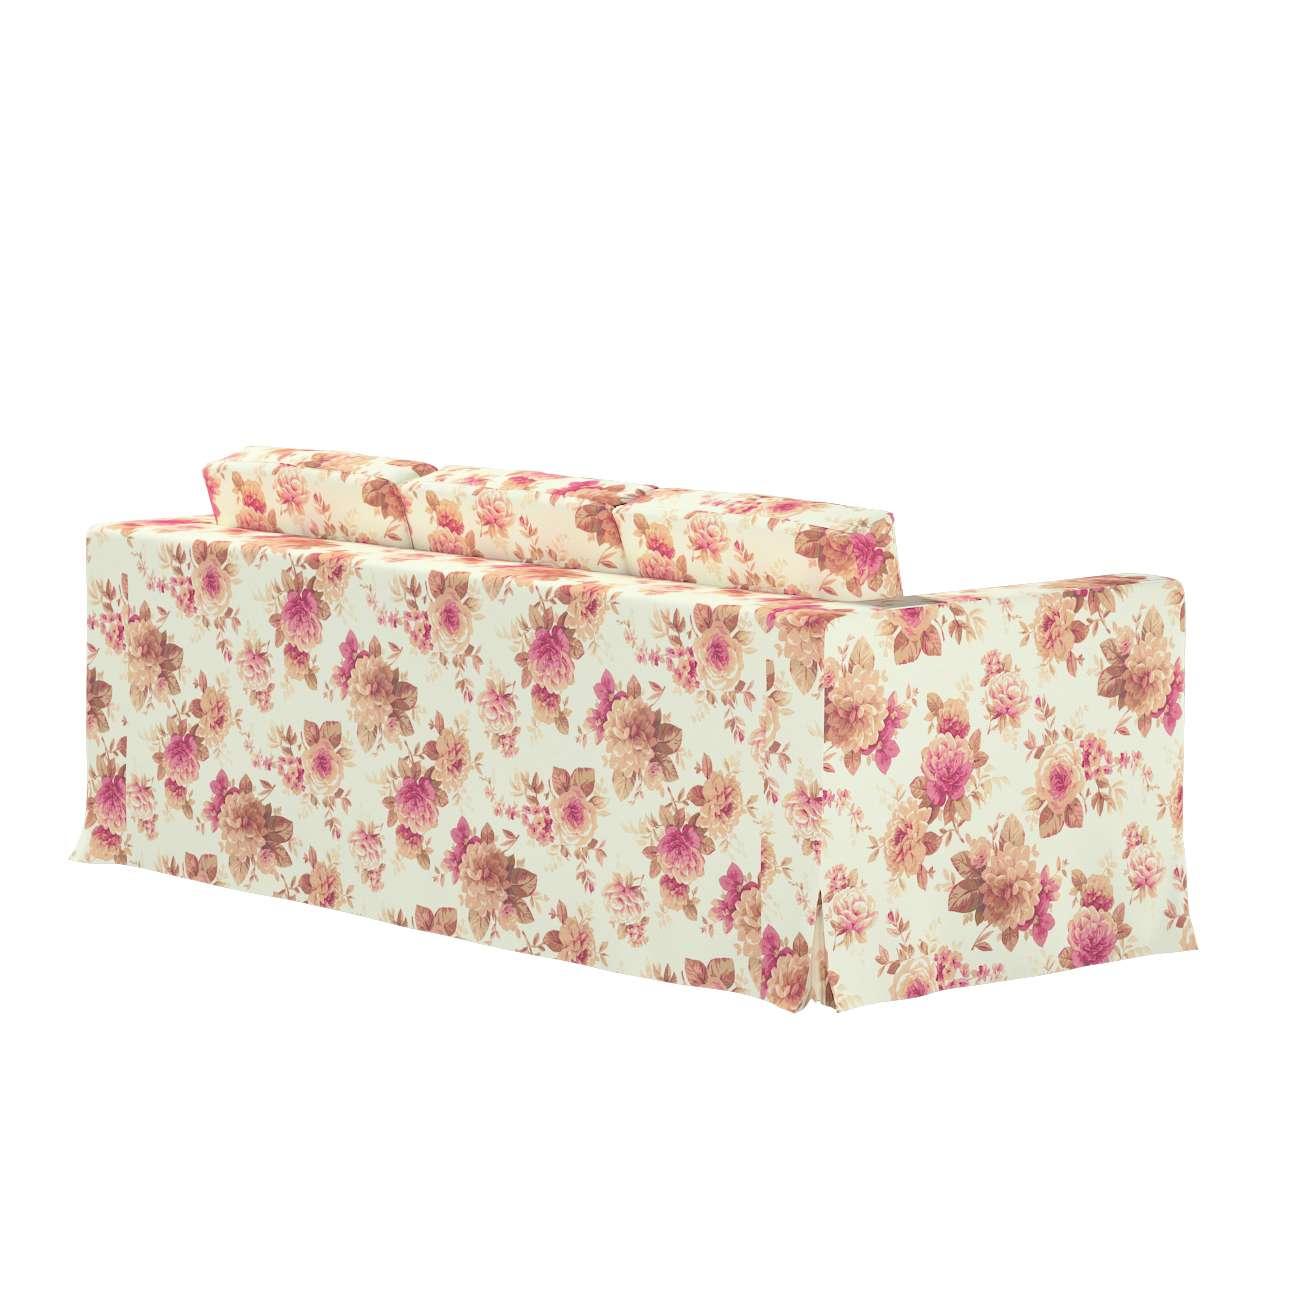 Pokrowiec na sofę Karlanda 3-osobową nierozkładaną, długi w kolekcji Mirella, tkanina: 141-06